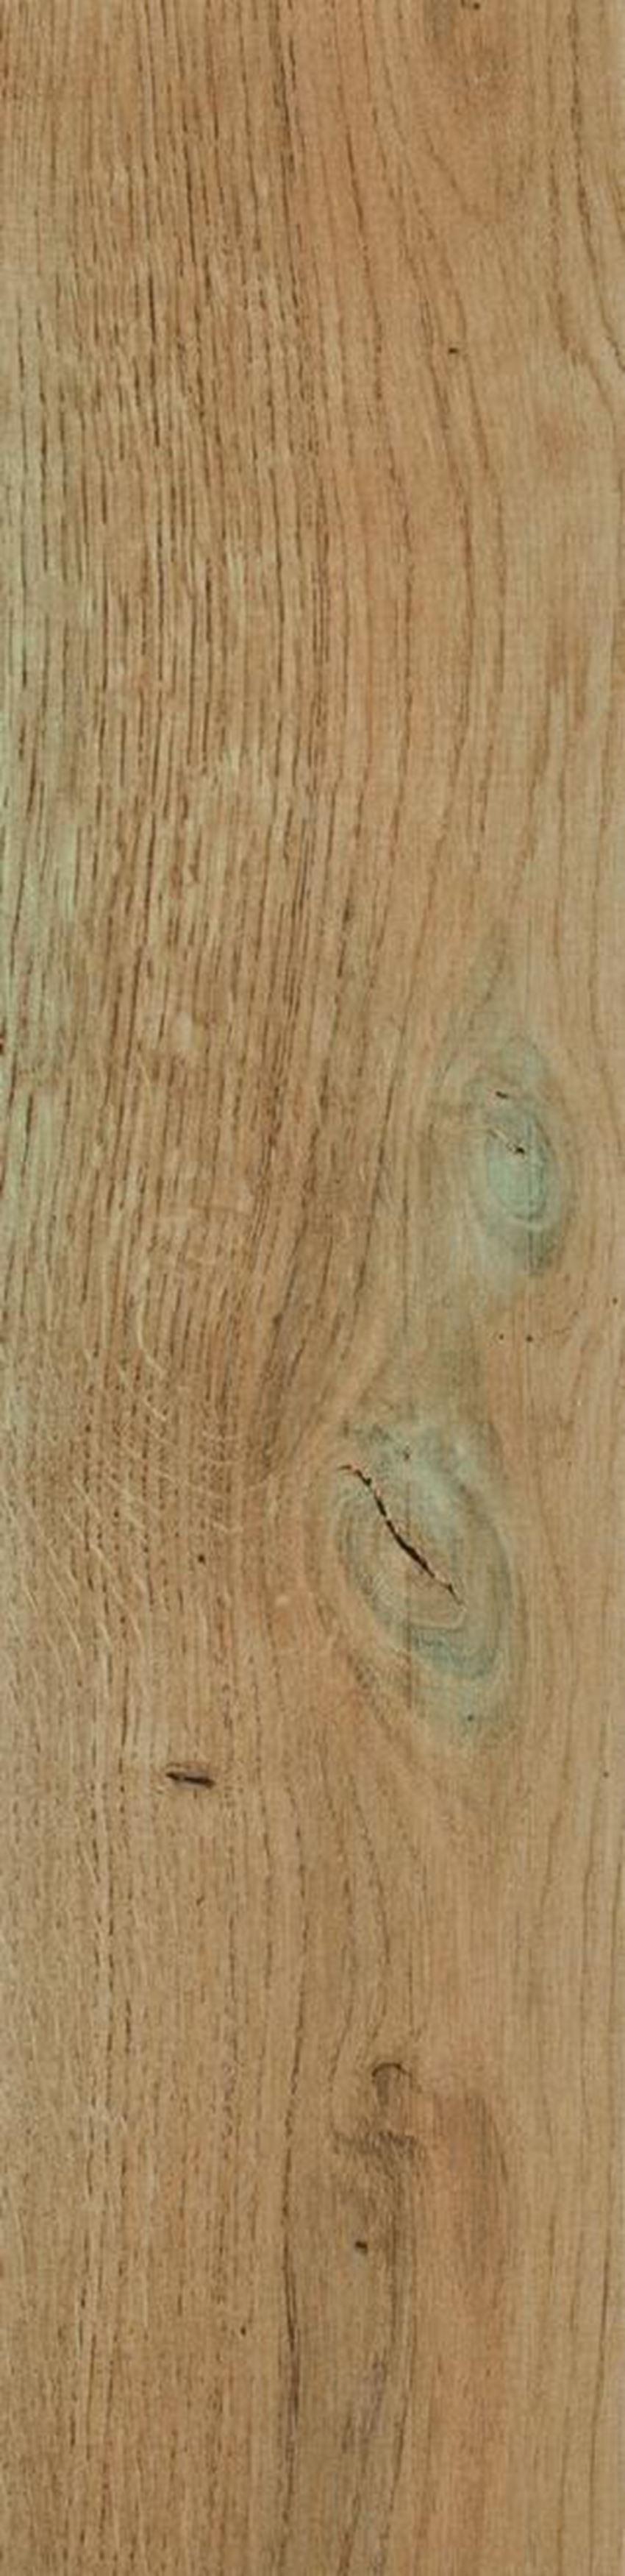 Płytka ścienno-podłogowa 16x65,5 cm Paradyż Maloe Beige Gres Szklany Rektyfikowany Mat